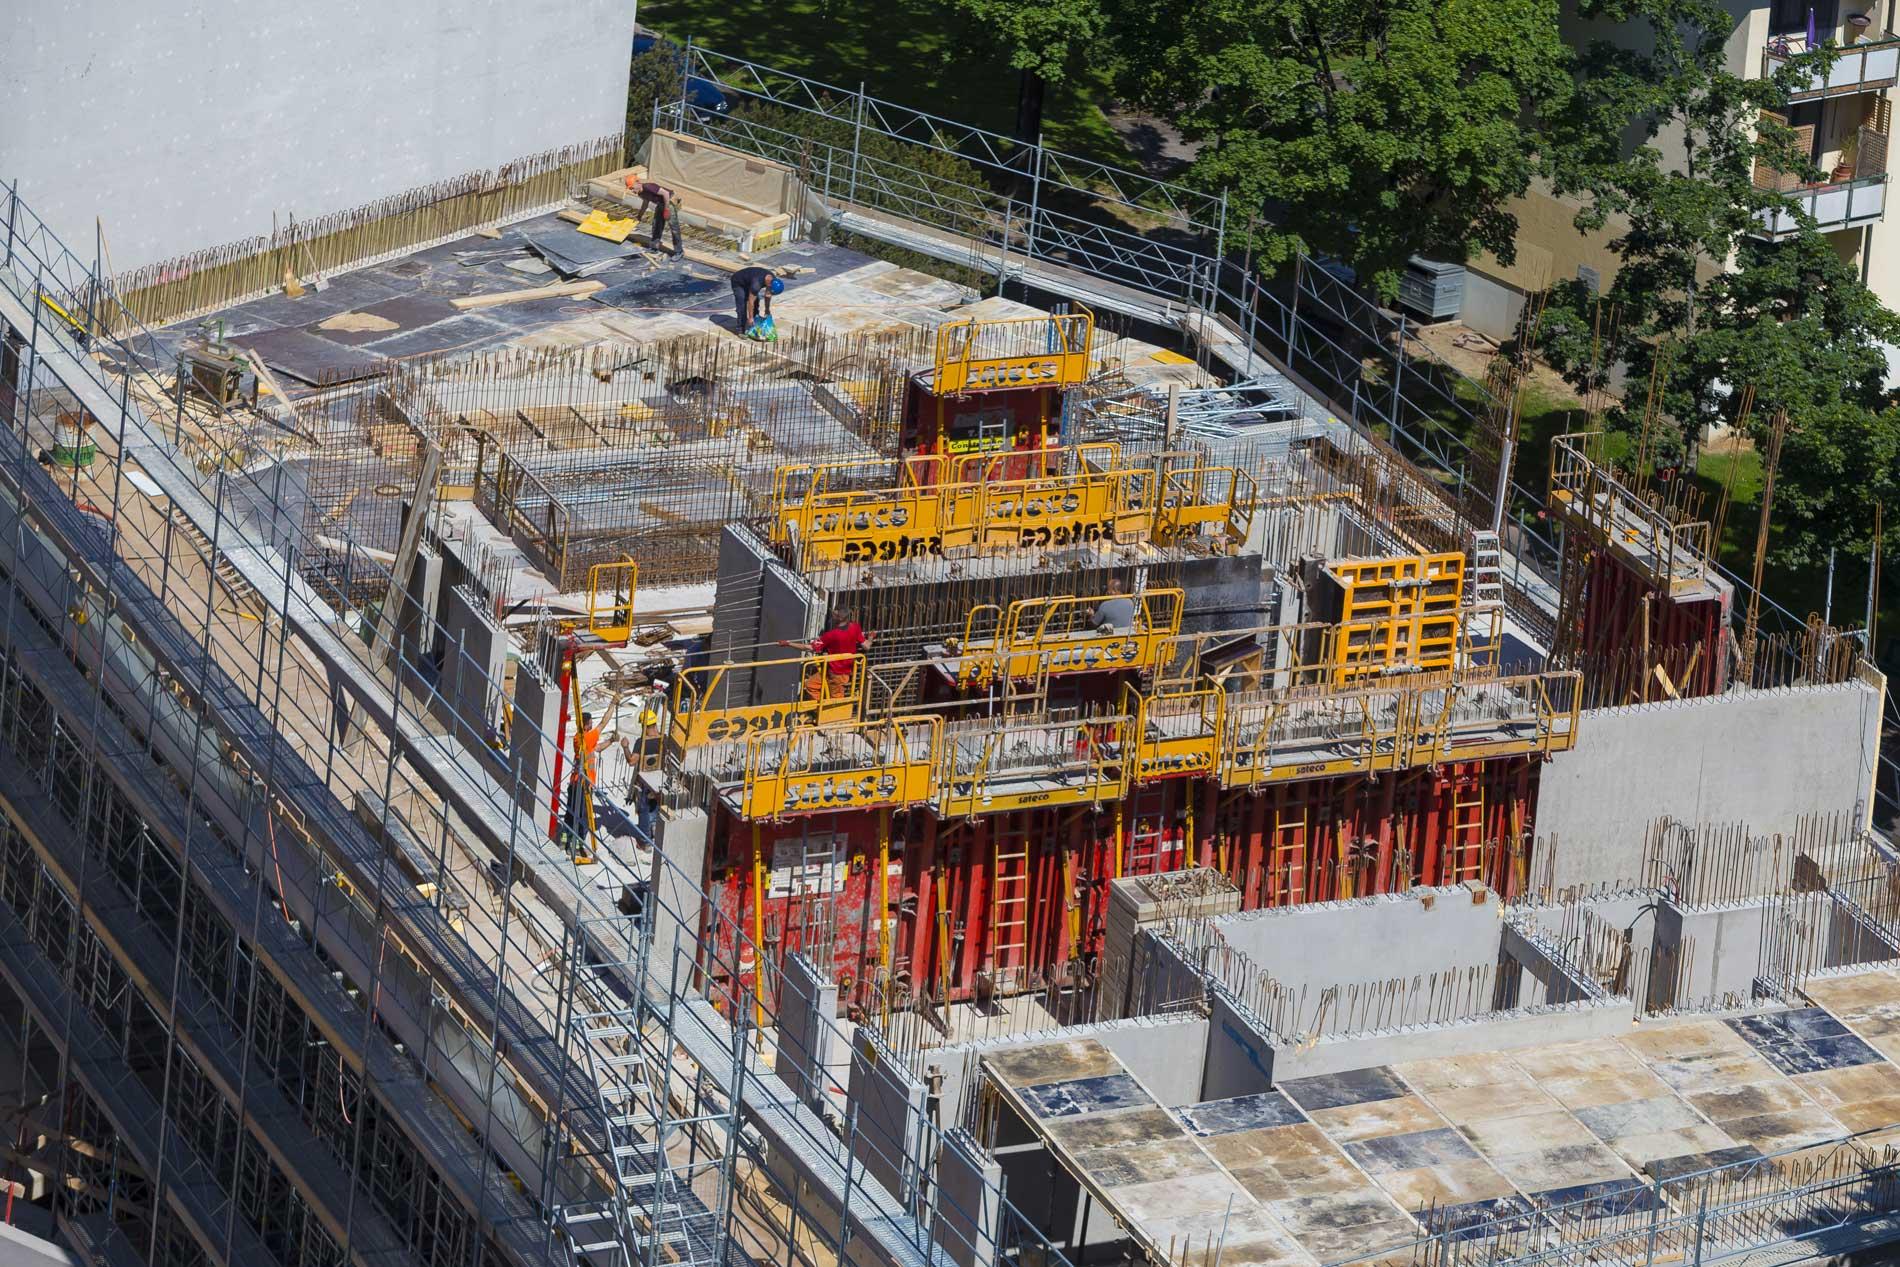 Photographie et vidéo de suivi de chantier à Genève